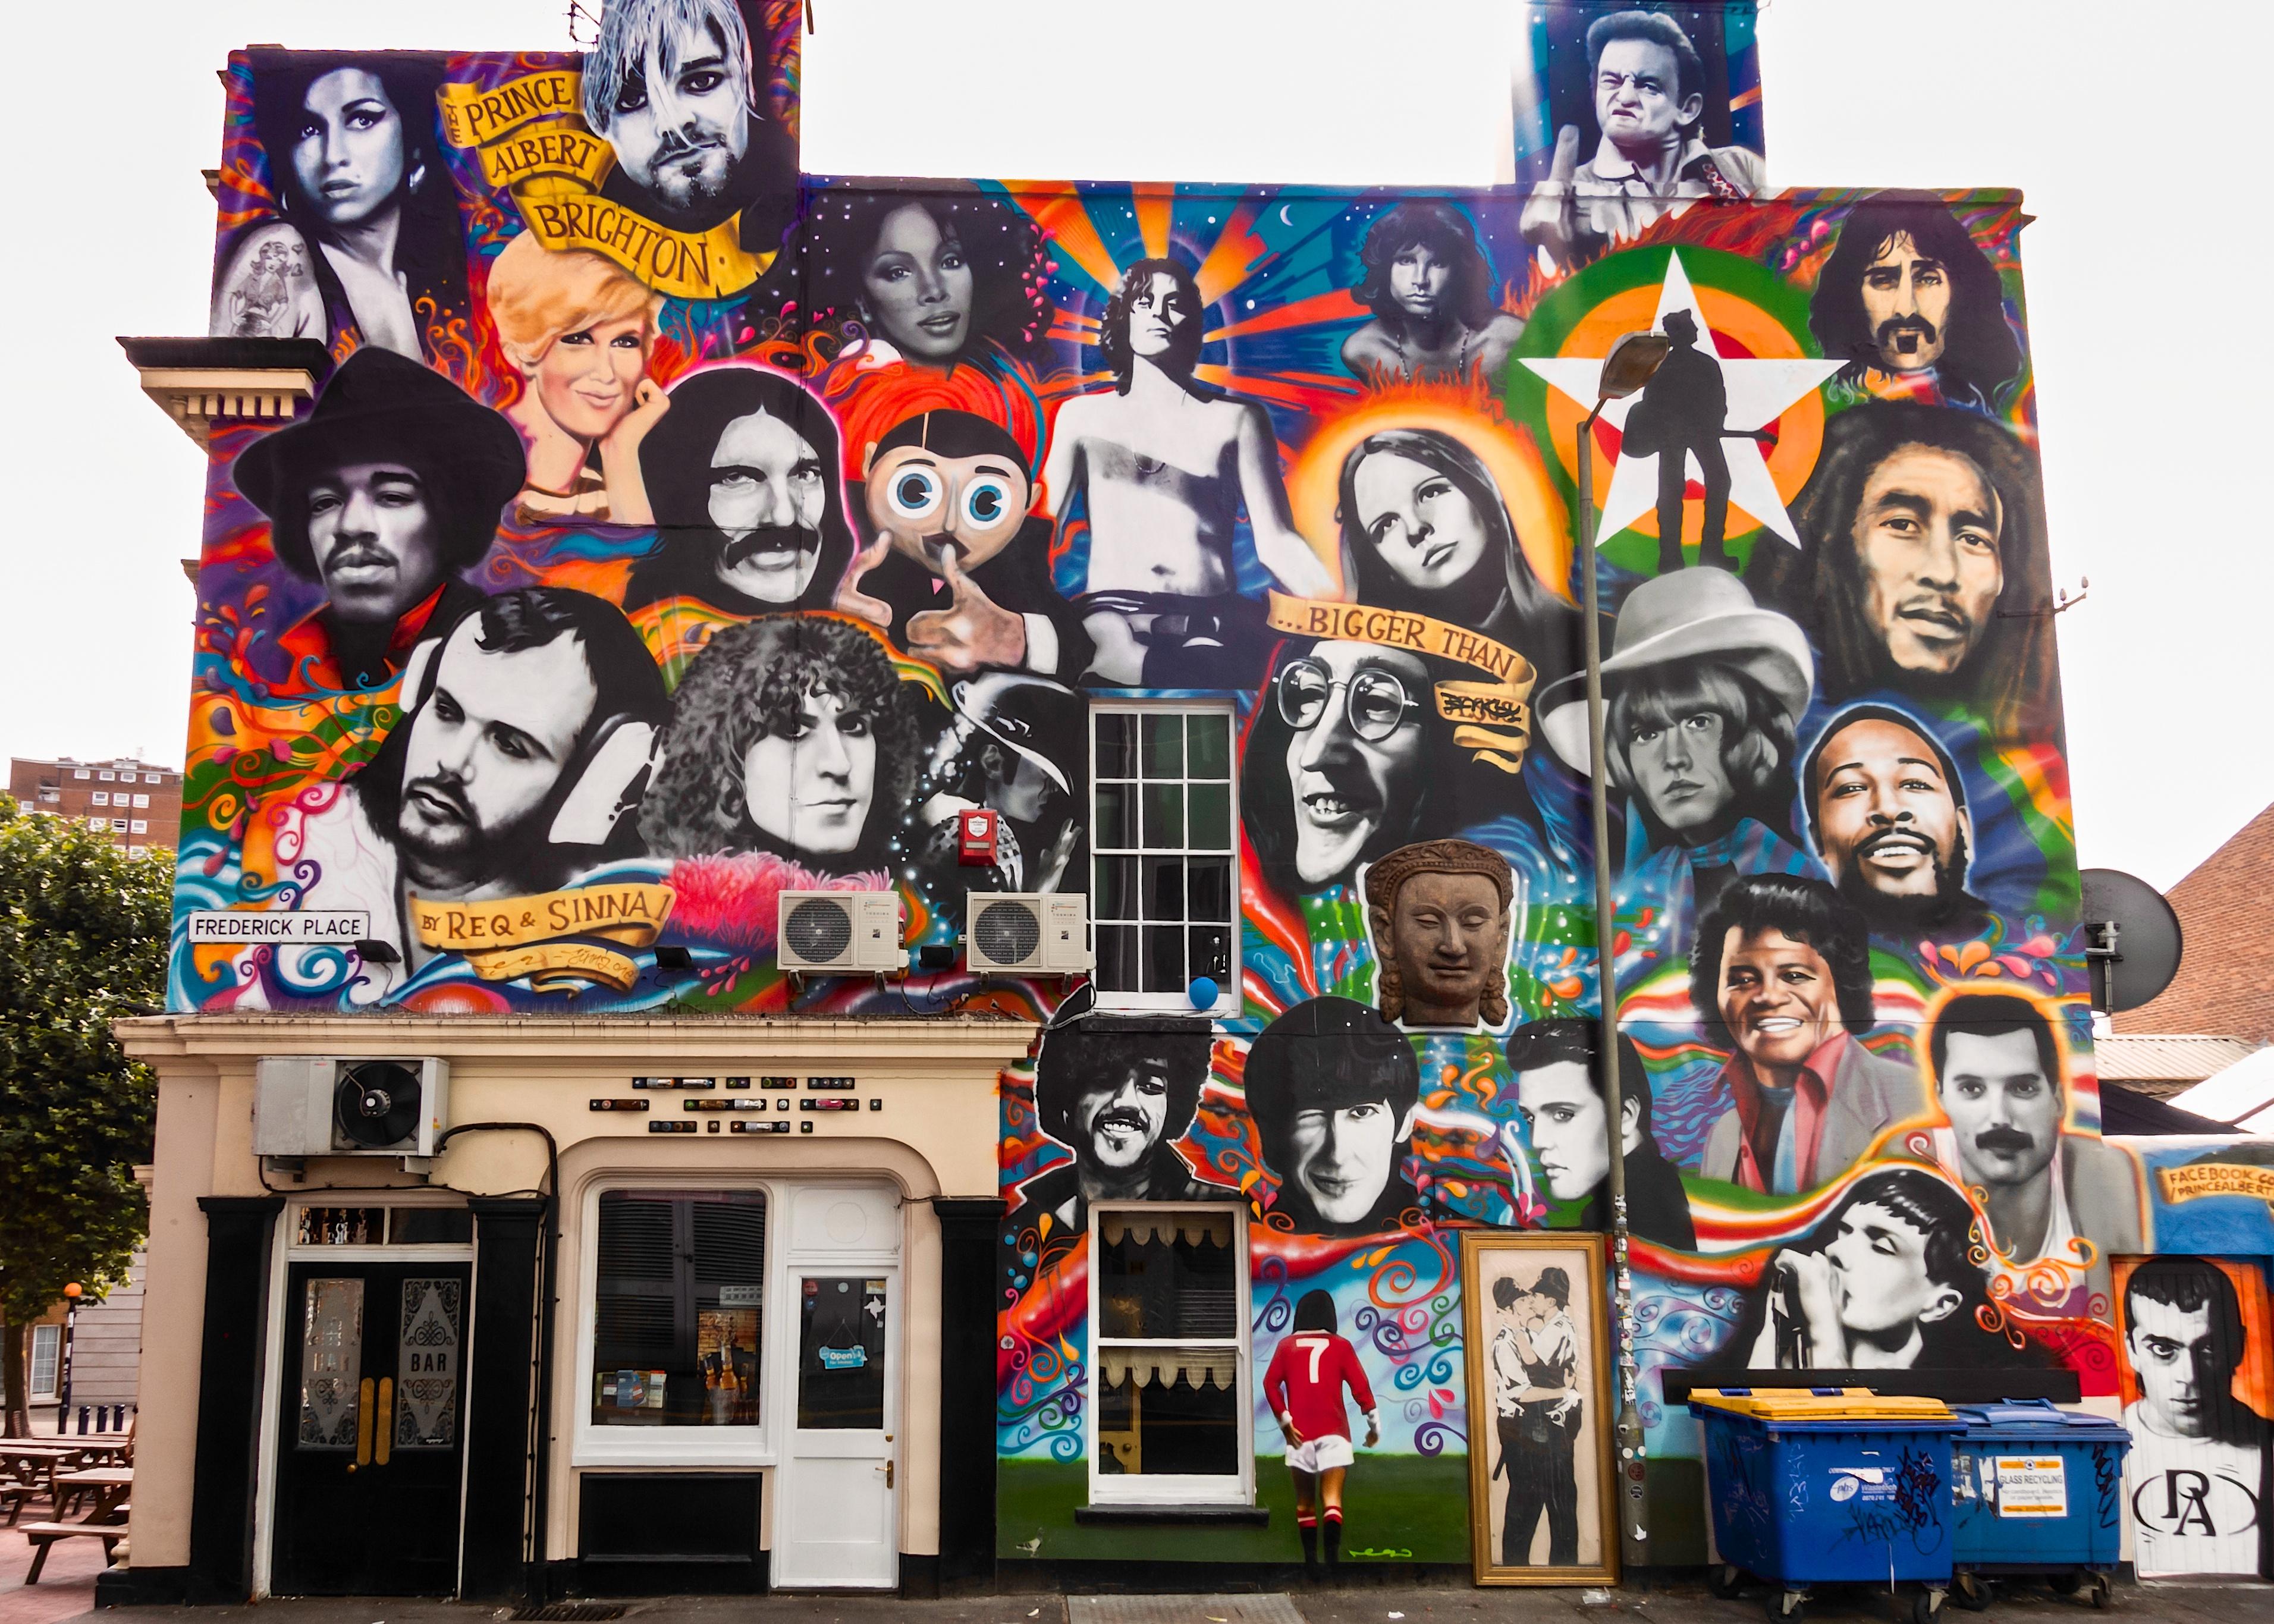 The Prince Albert Graffiti Brighton